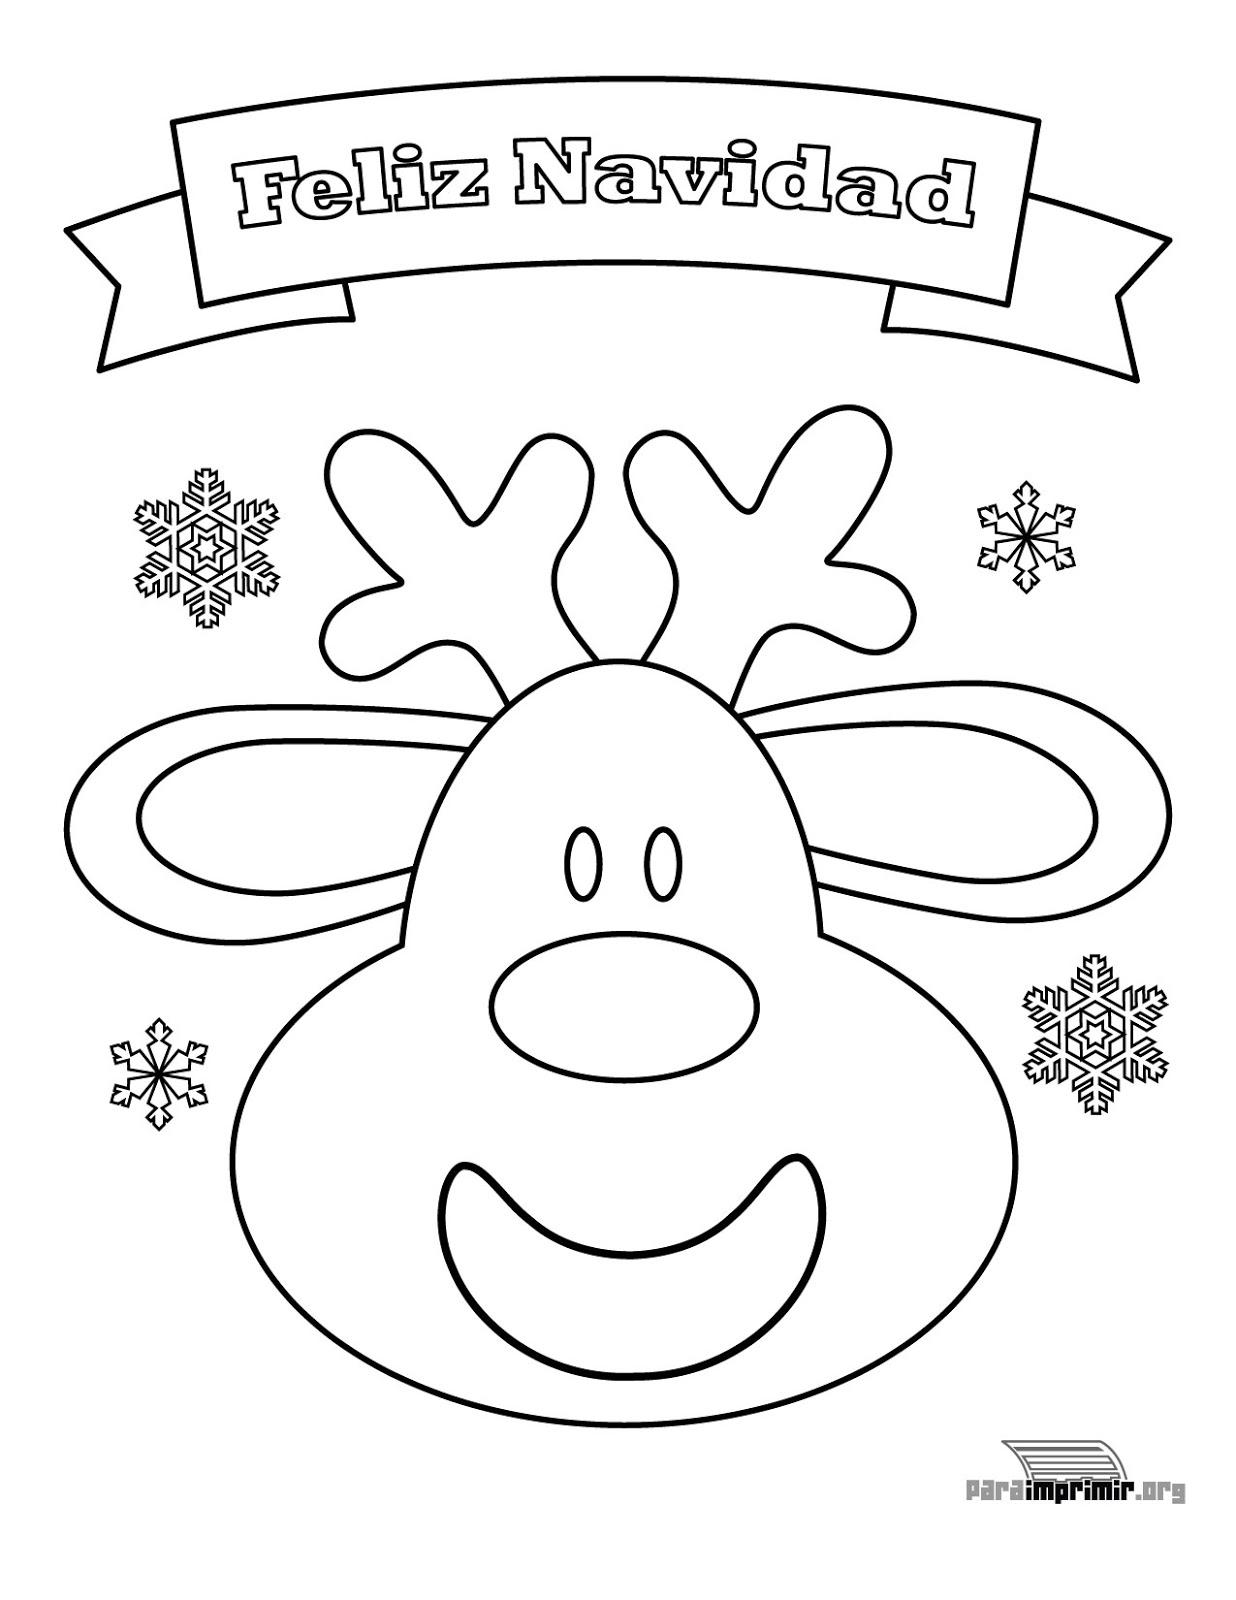 20 Dibujos navideñas para colorear - IMÁGENES CON FRASES © CORTAS DE ...